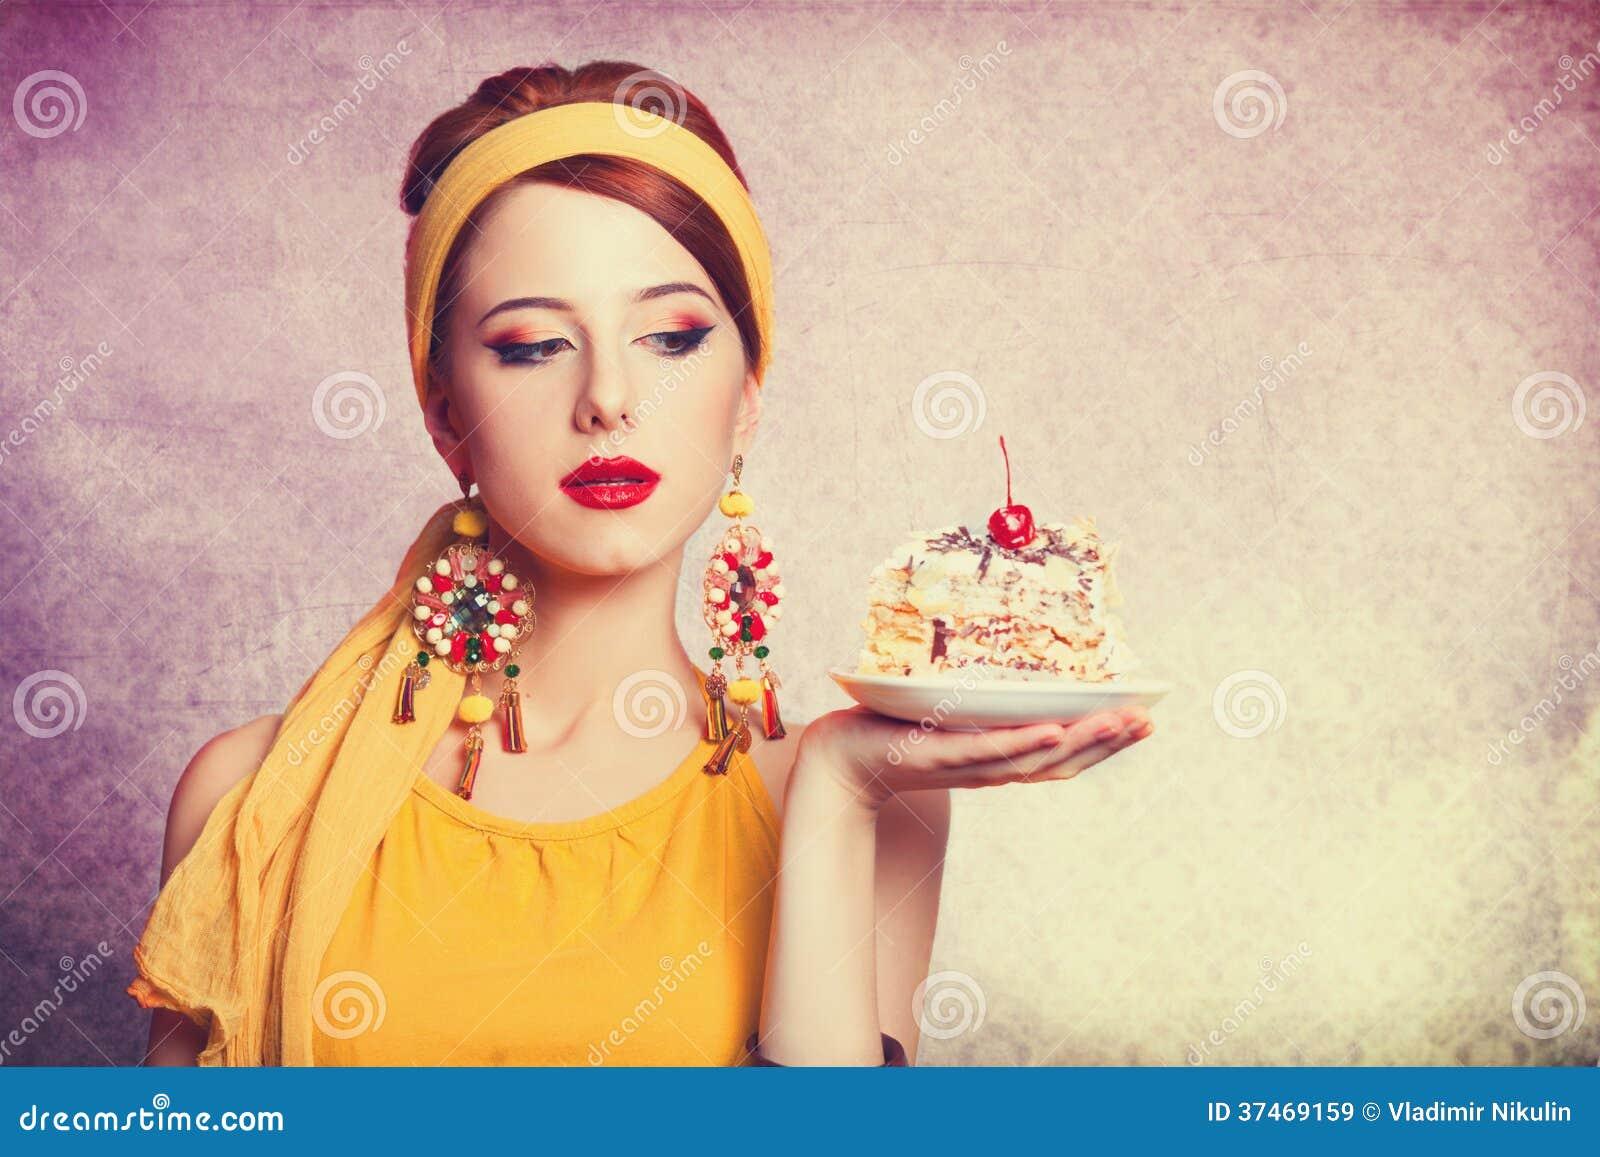 Из торта девушка фото